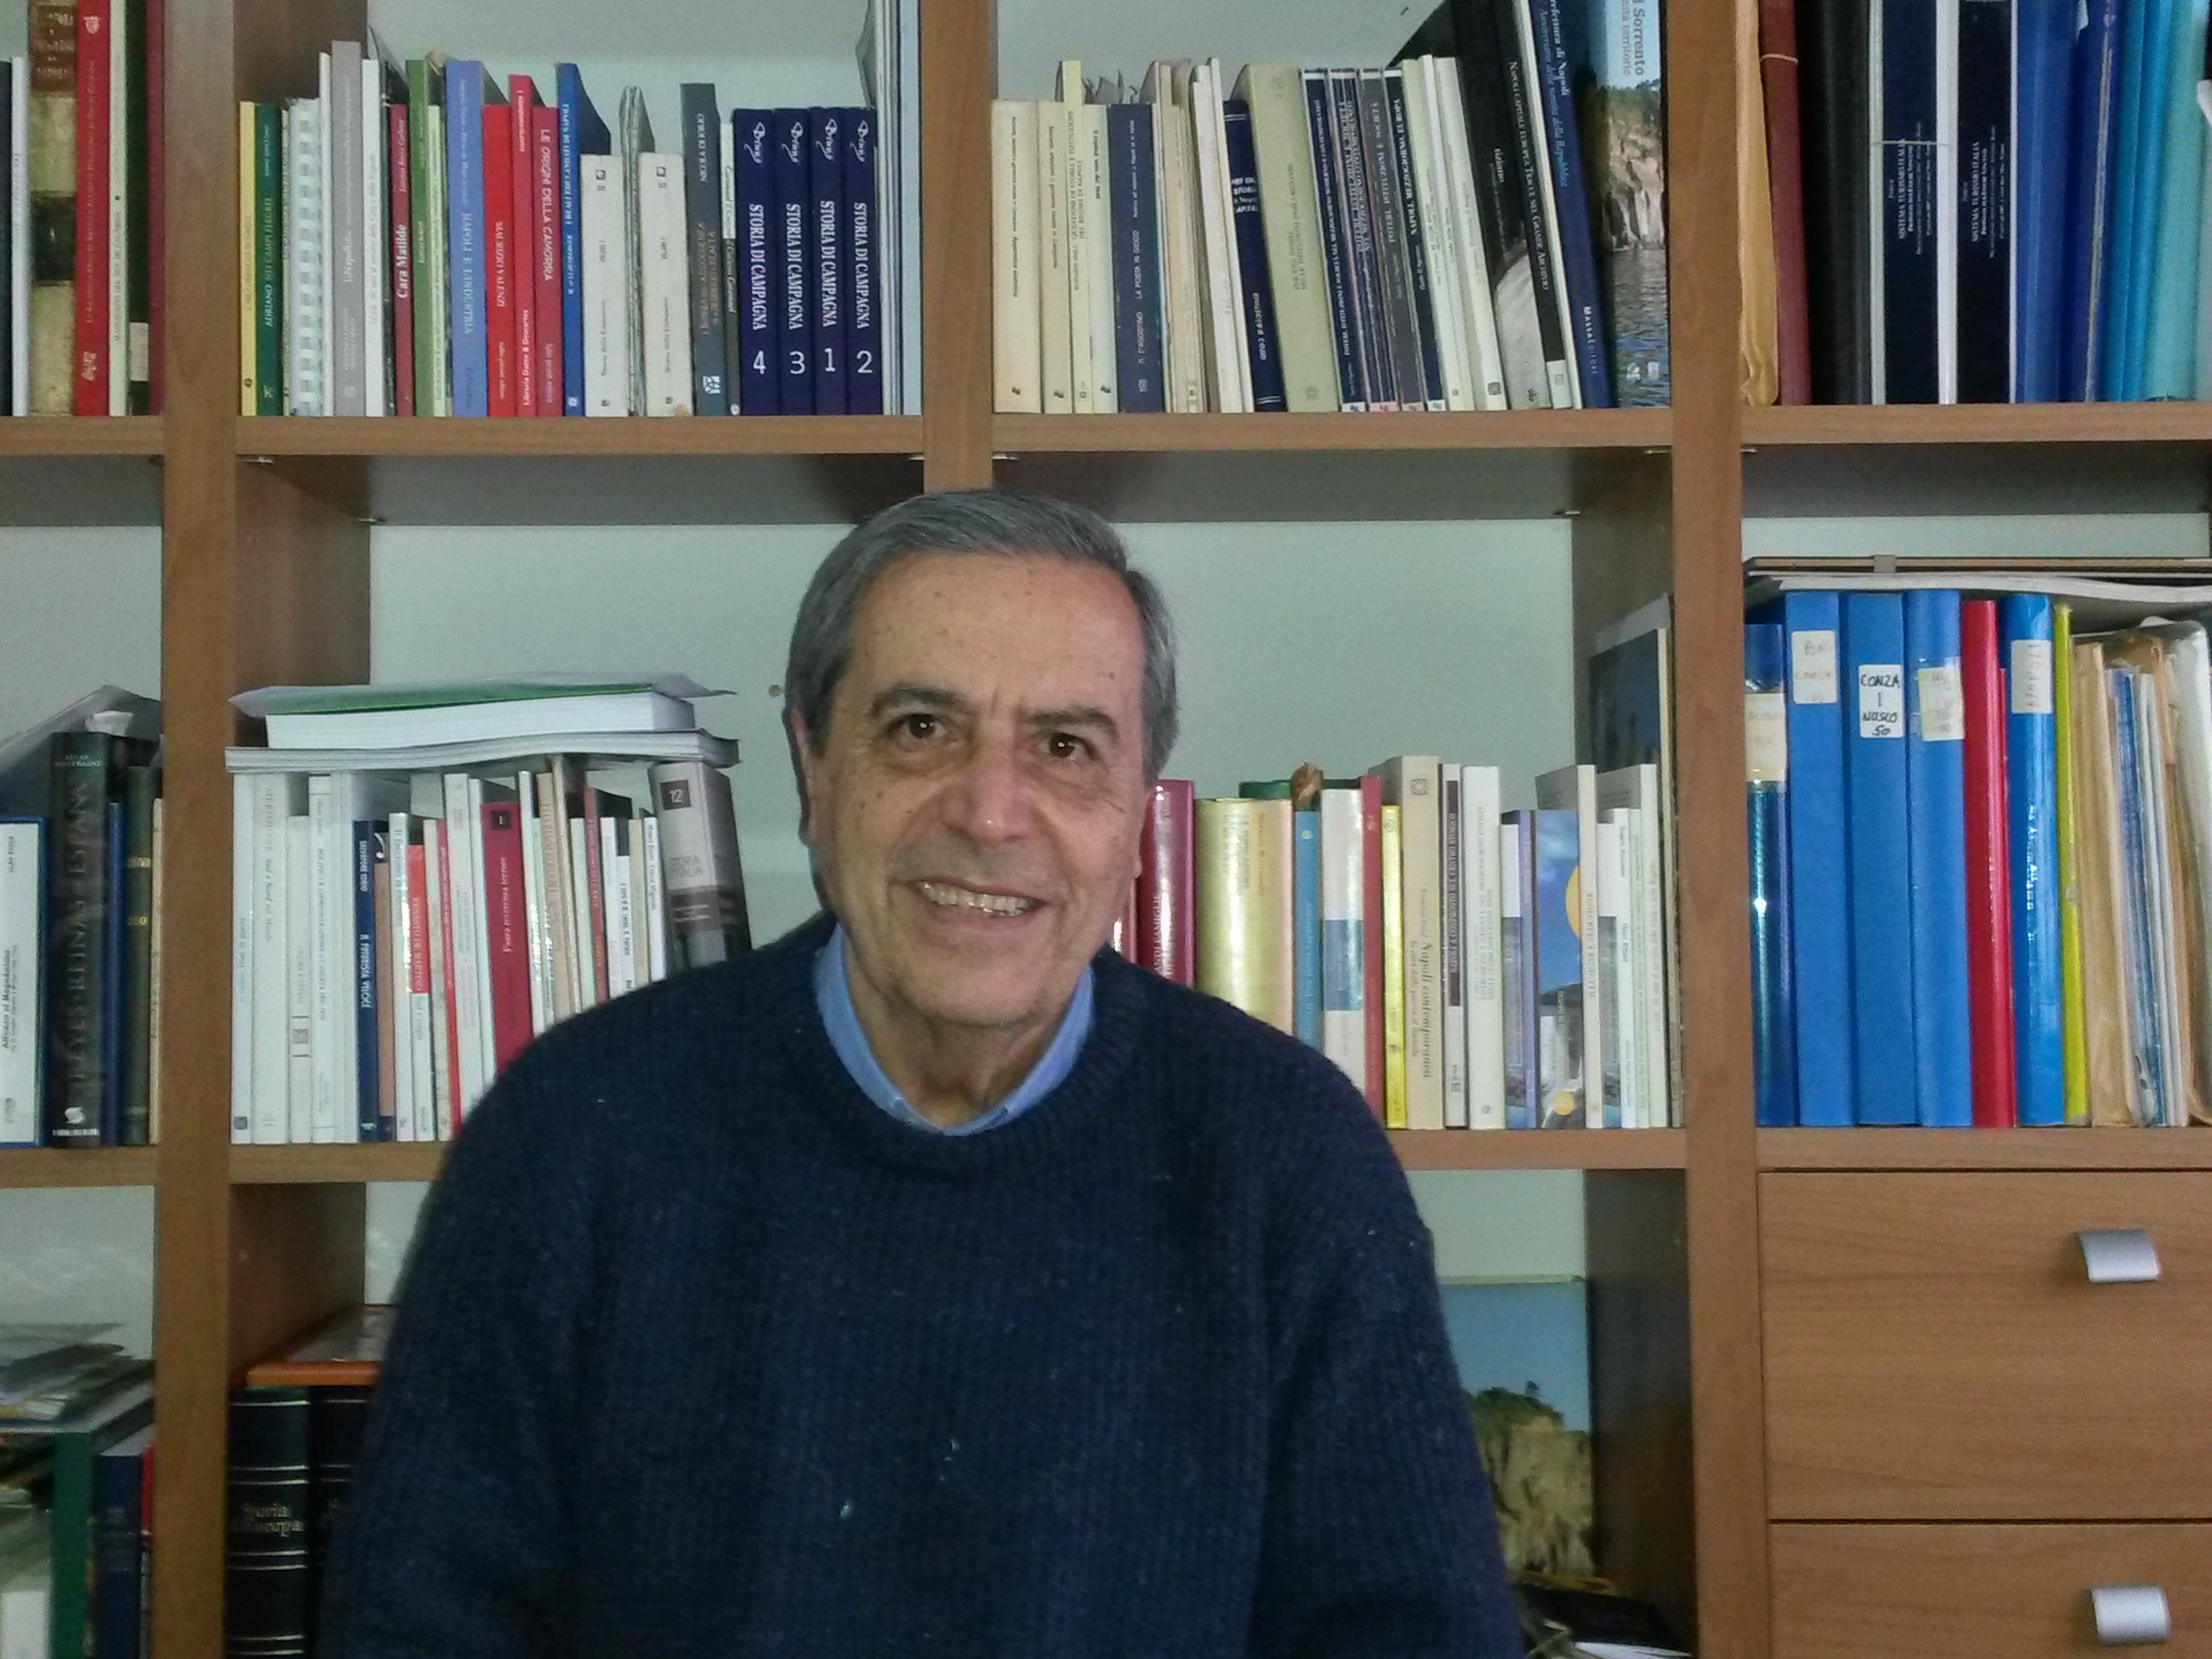 Guido D'Agostino torna all'antica passione. Il 3 marzo la presentazione del libro sull'ultimo mancato re aragonese di Napoli